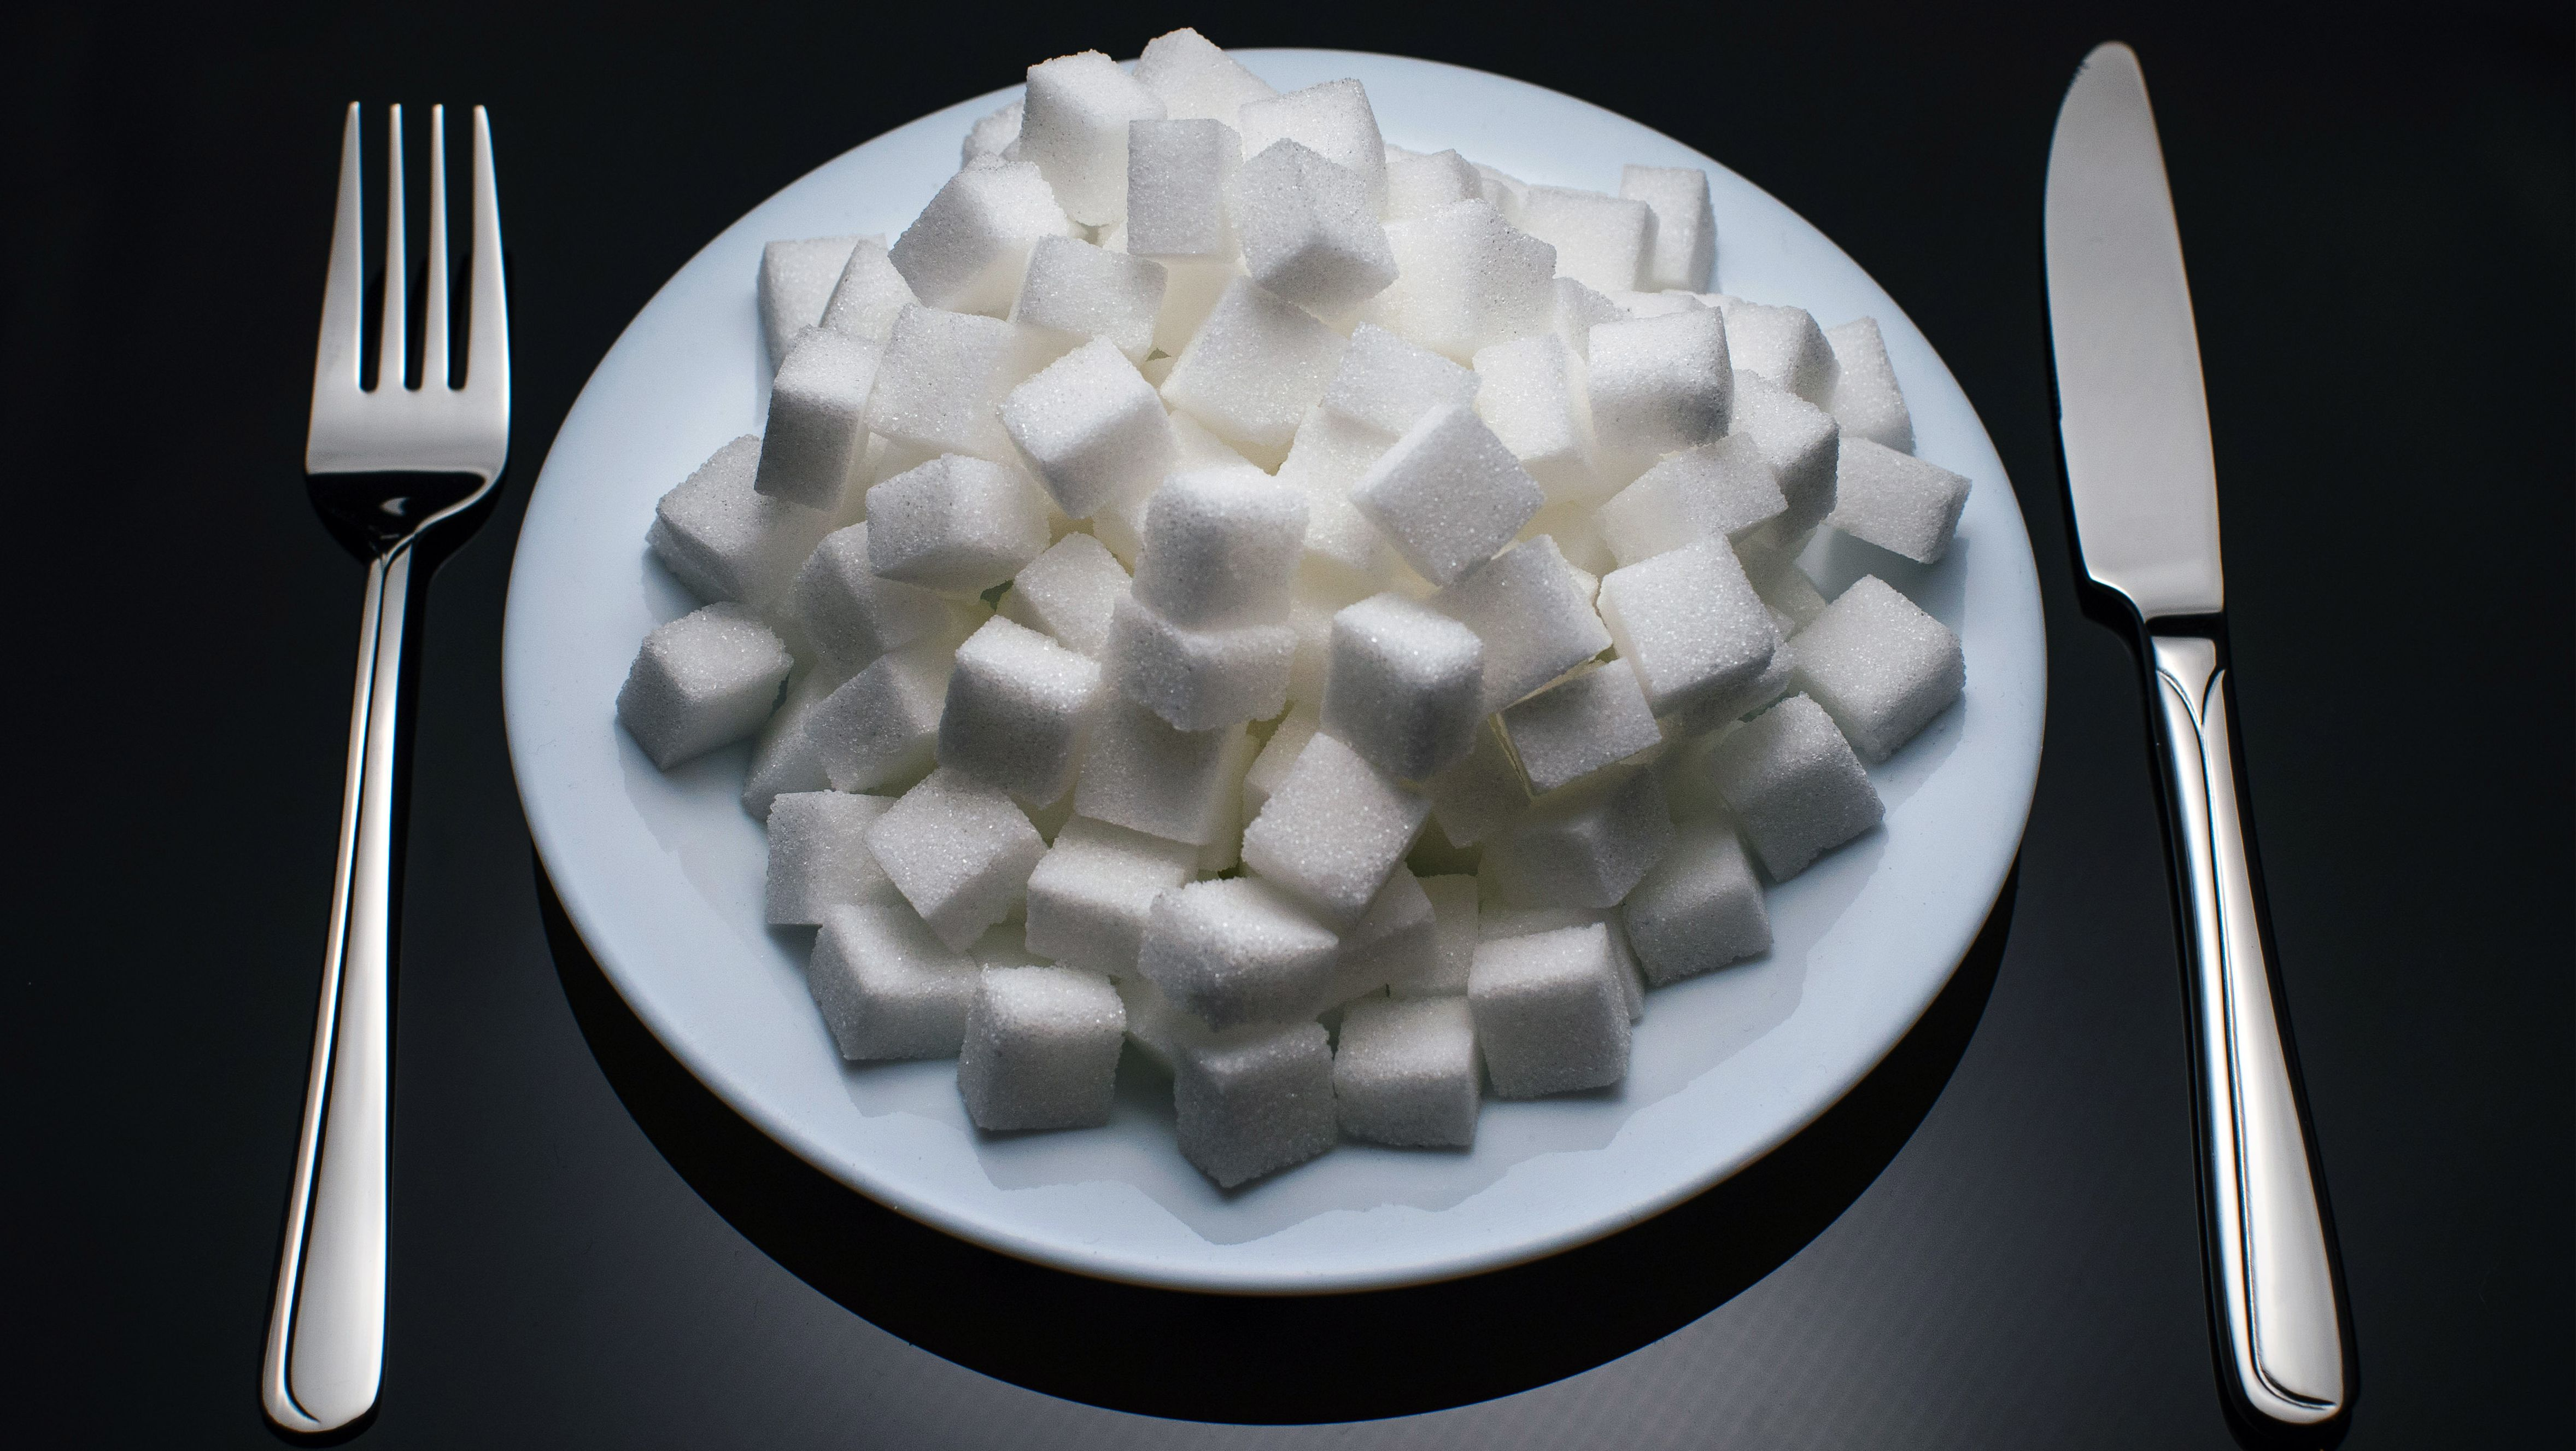 Teller mit Zuckerwürfeln und Besteck (Symbolbild: Fettleibigkeit)